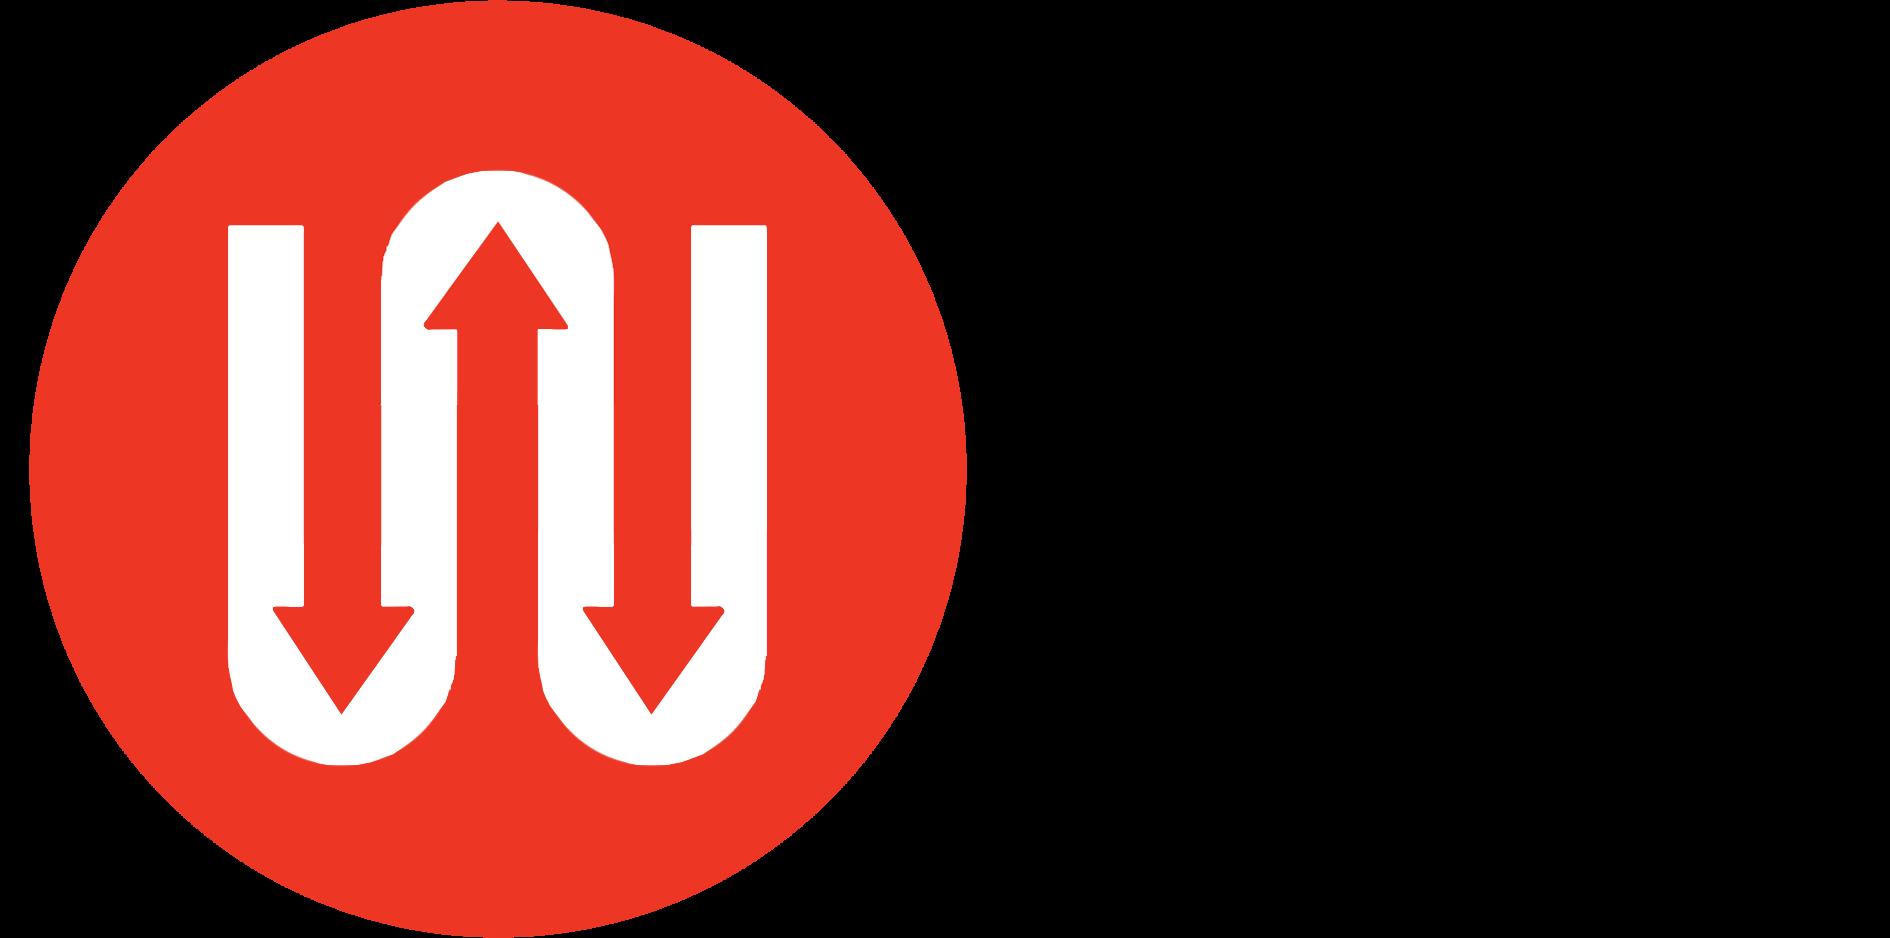 [Obrazek: logo_ztm1.png]